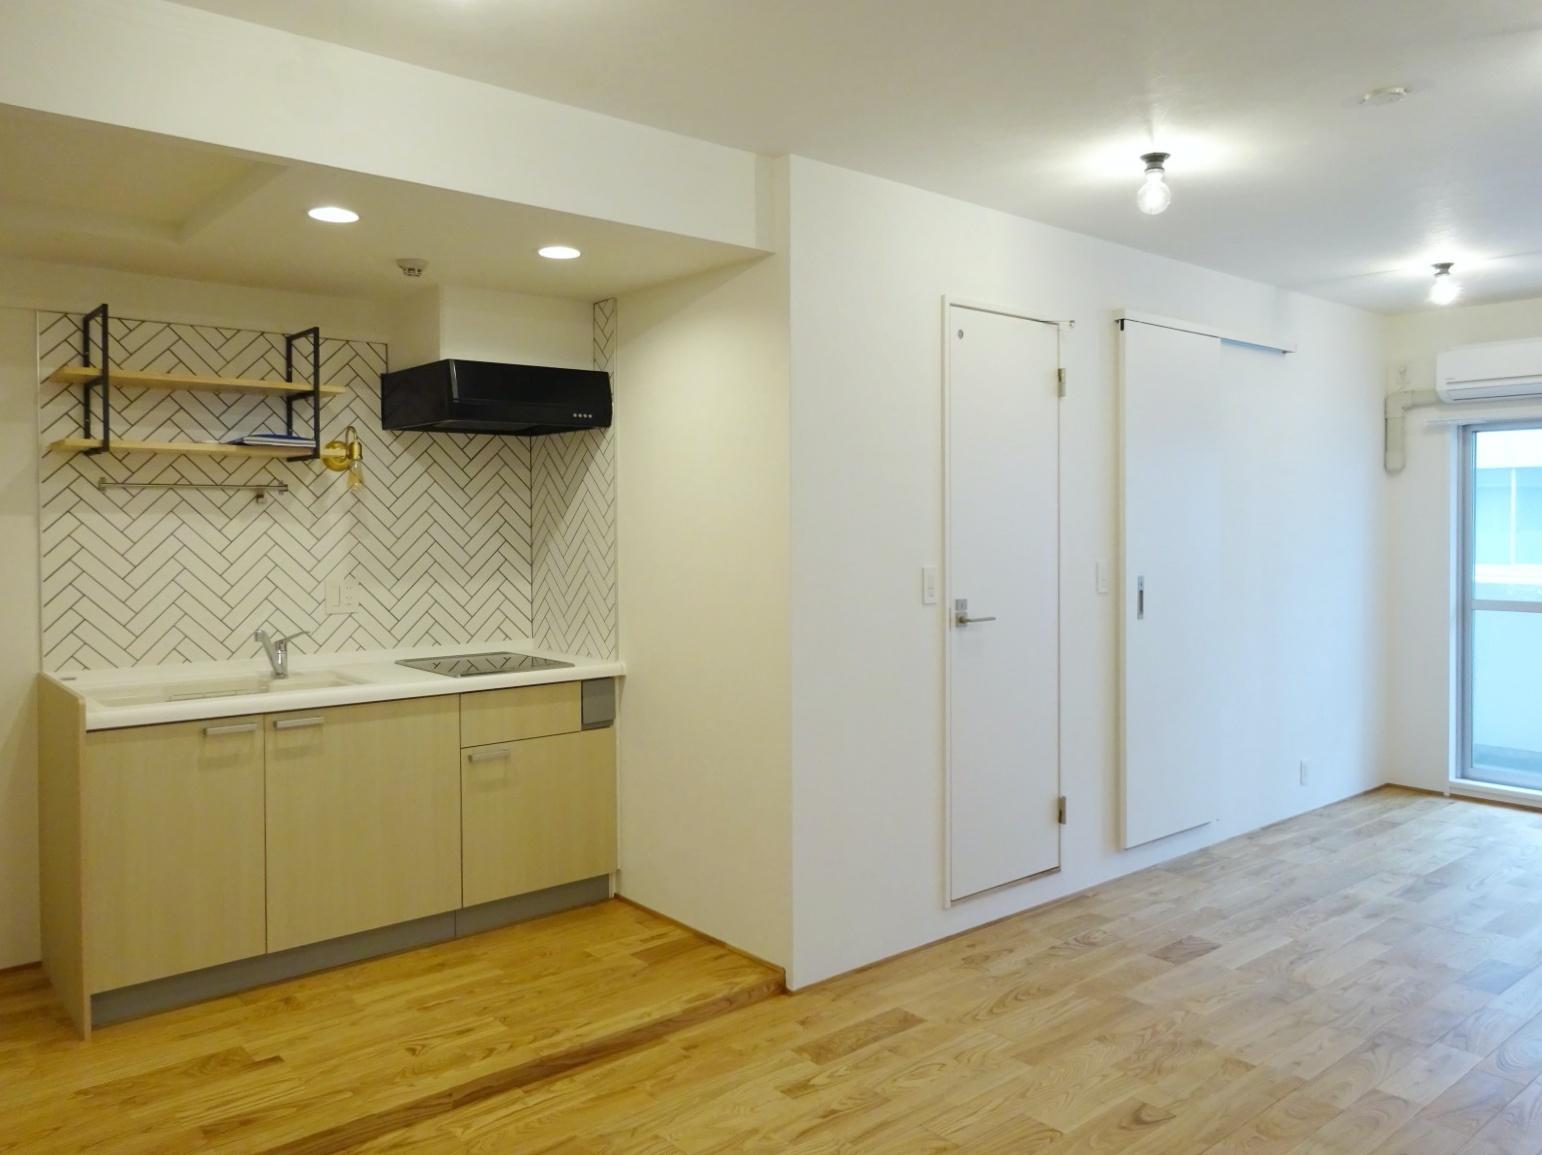 キッチン、トイレ、浴室への動線も便利そう